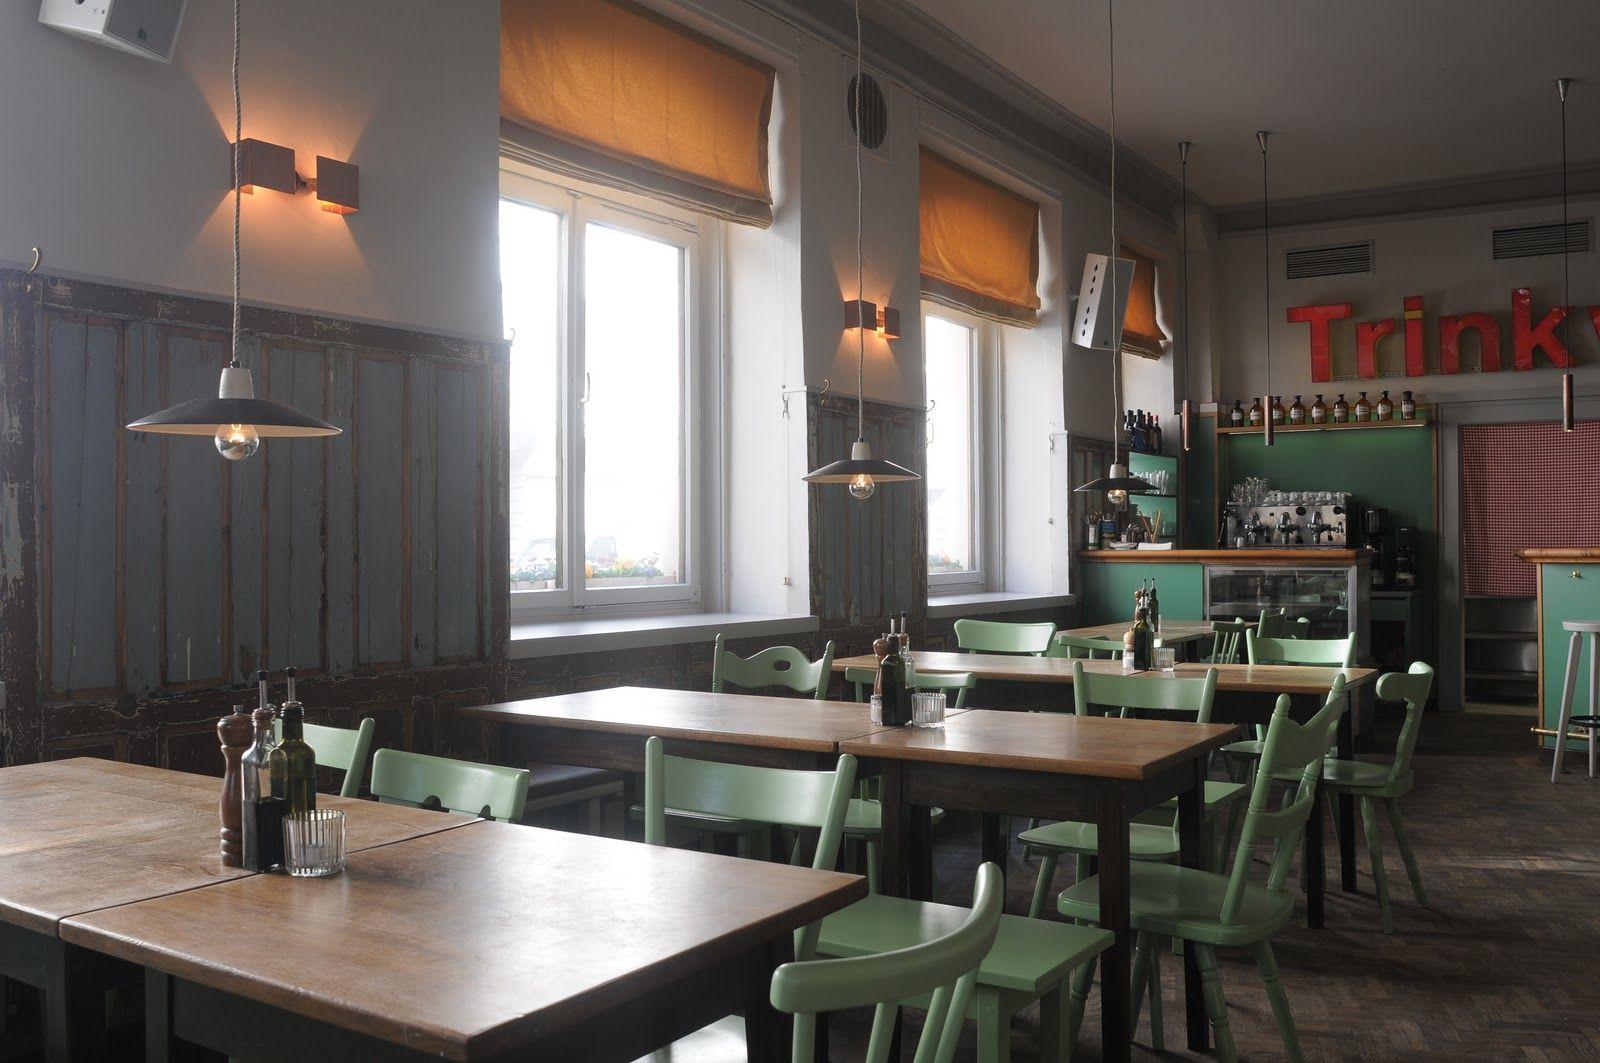 Epic Tipp Lecker Pastrami mit wei em Barbara Preis von Reservierung empfehlenswert Lust auf N Y Deli Essen in M nchen Pinterest Munich